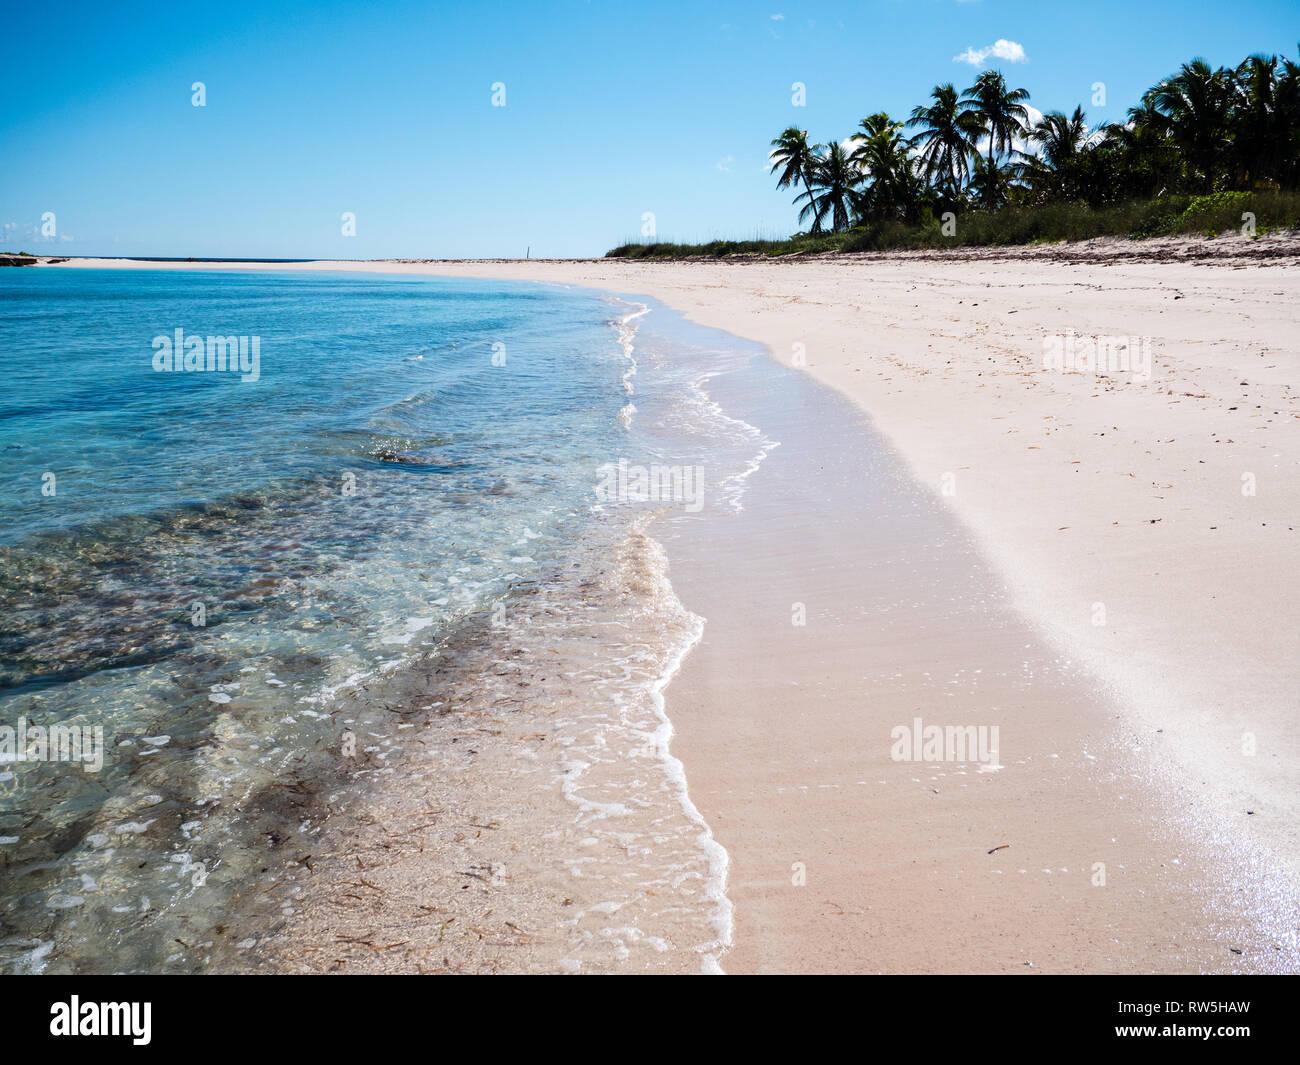 Vagues sur le rivage de plage tropicale avec palmiers, Twin Cove Beach, la Côte Atlantique, l'île d'Eleuthera, aux Bahamas, dans les Caraïbes. Banque D'Images